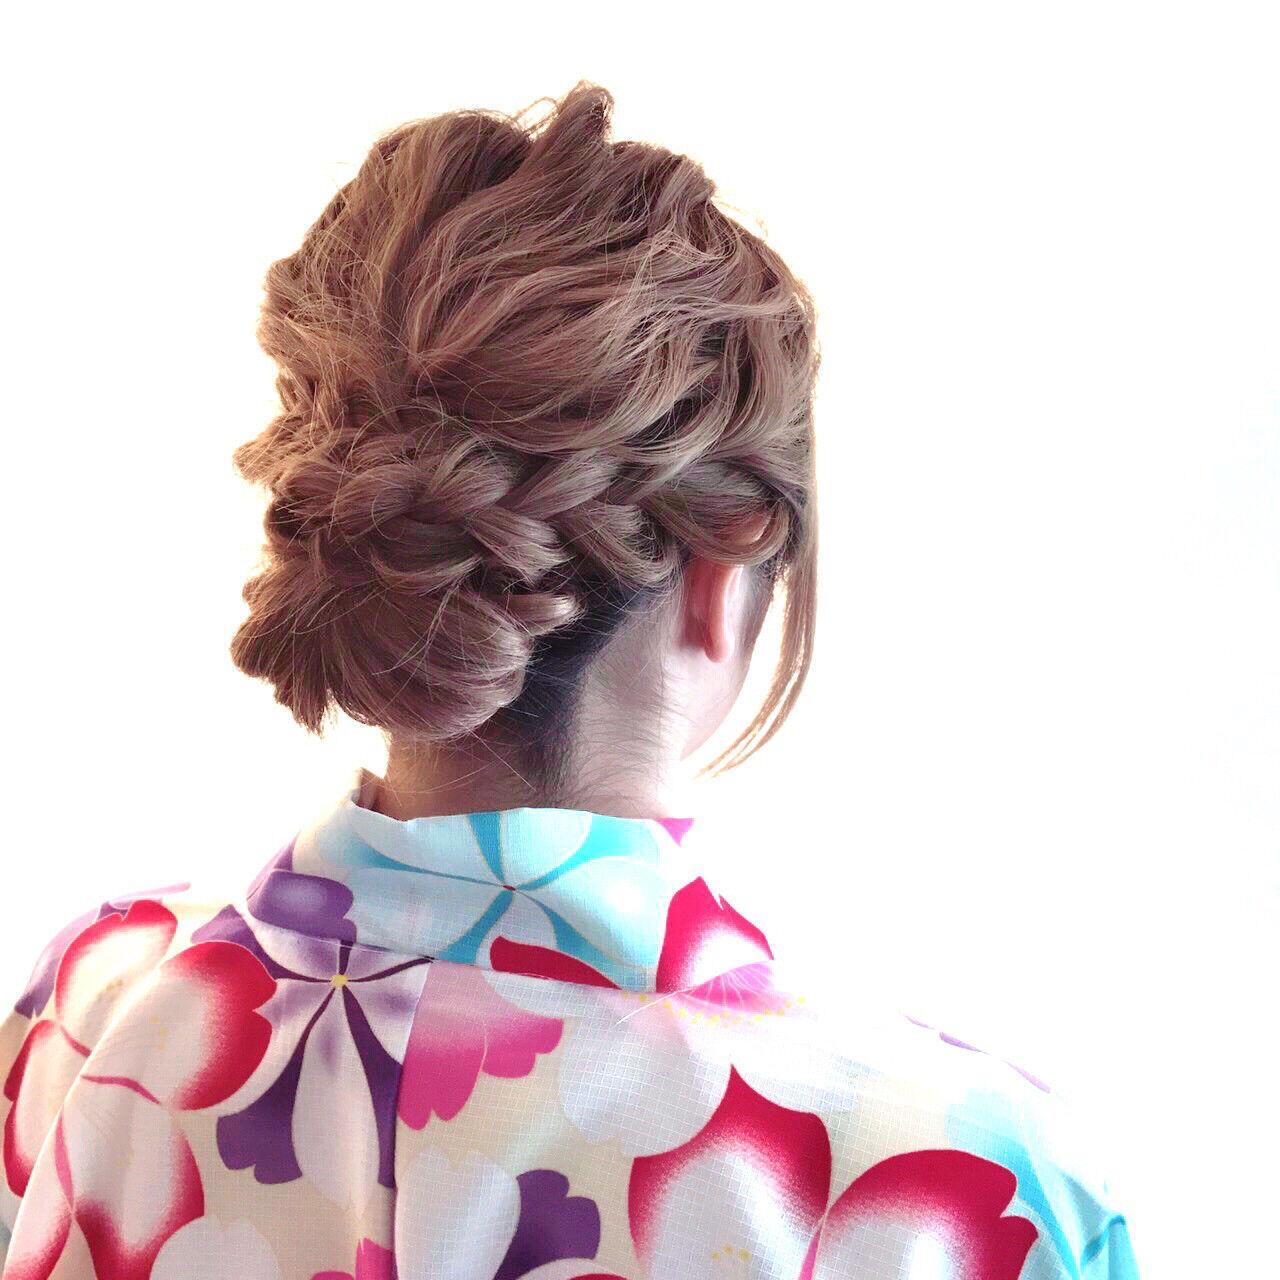 パーティ 結婚式 ロング ゆるふわヘアスタイルや髪型の写真・画像